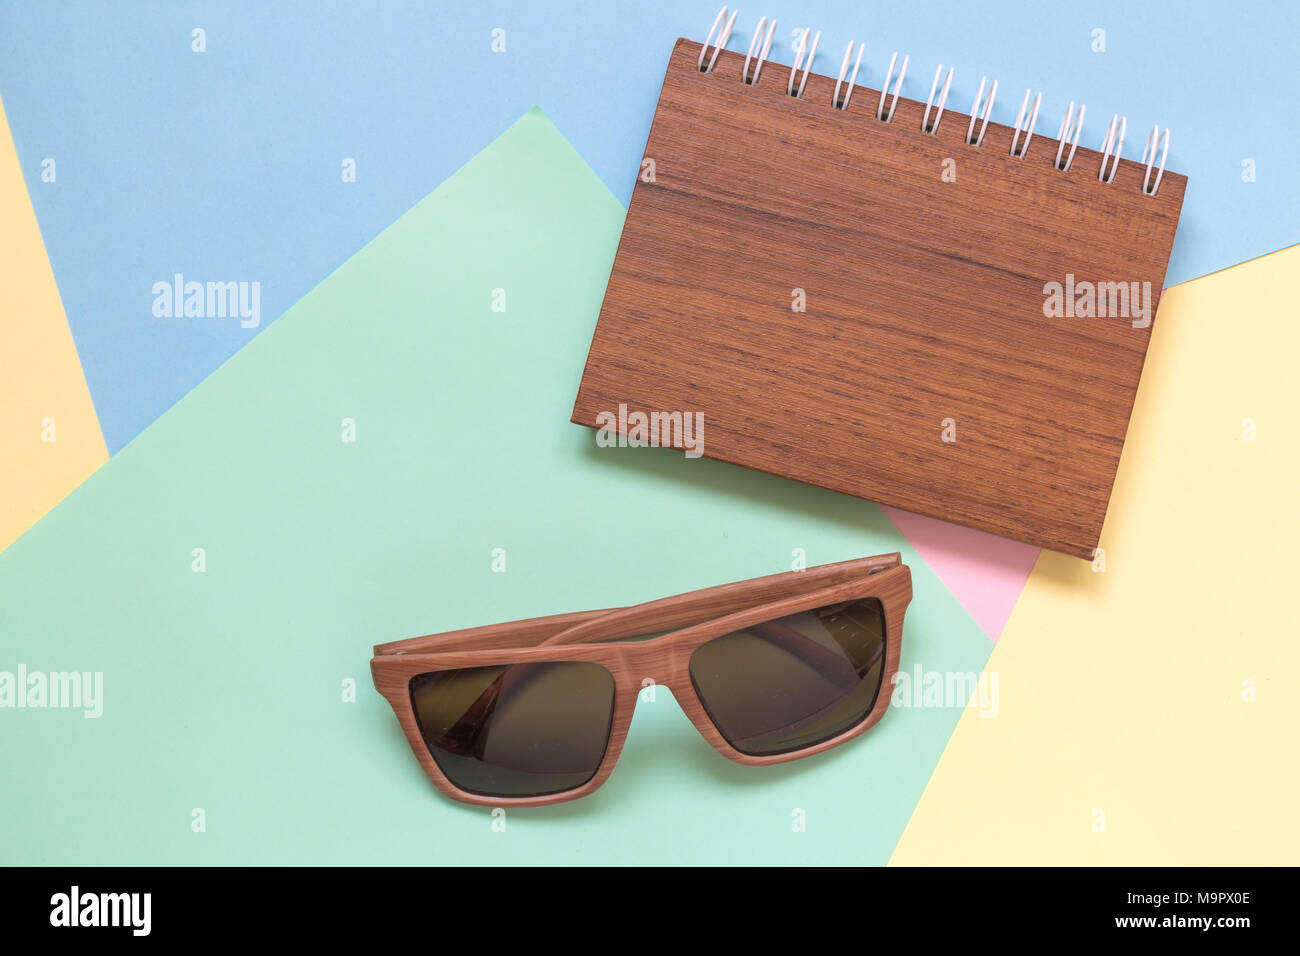 El bloc de notas de madera y unas gafas de sol de color Mínima de ...